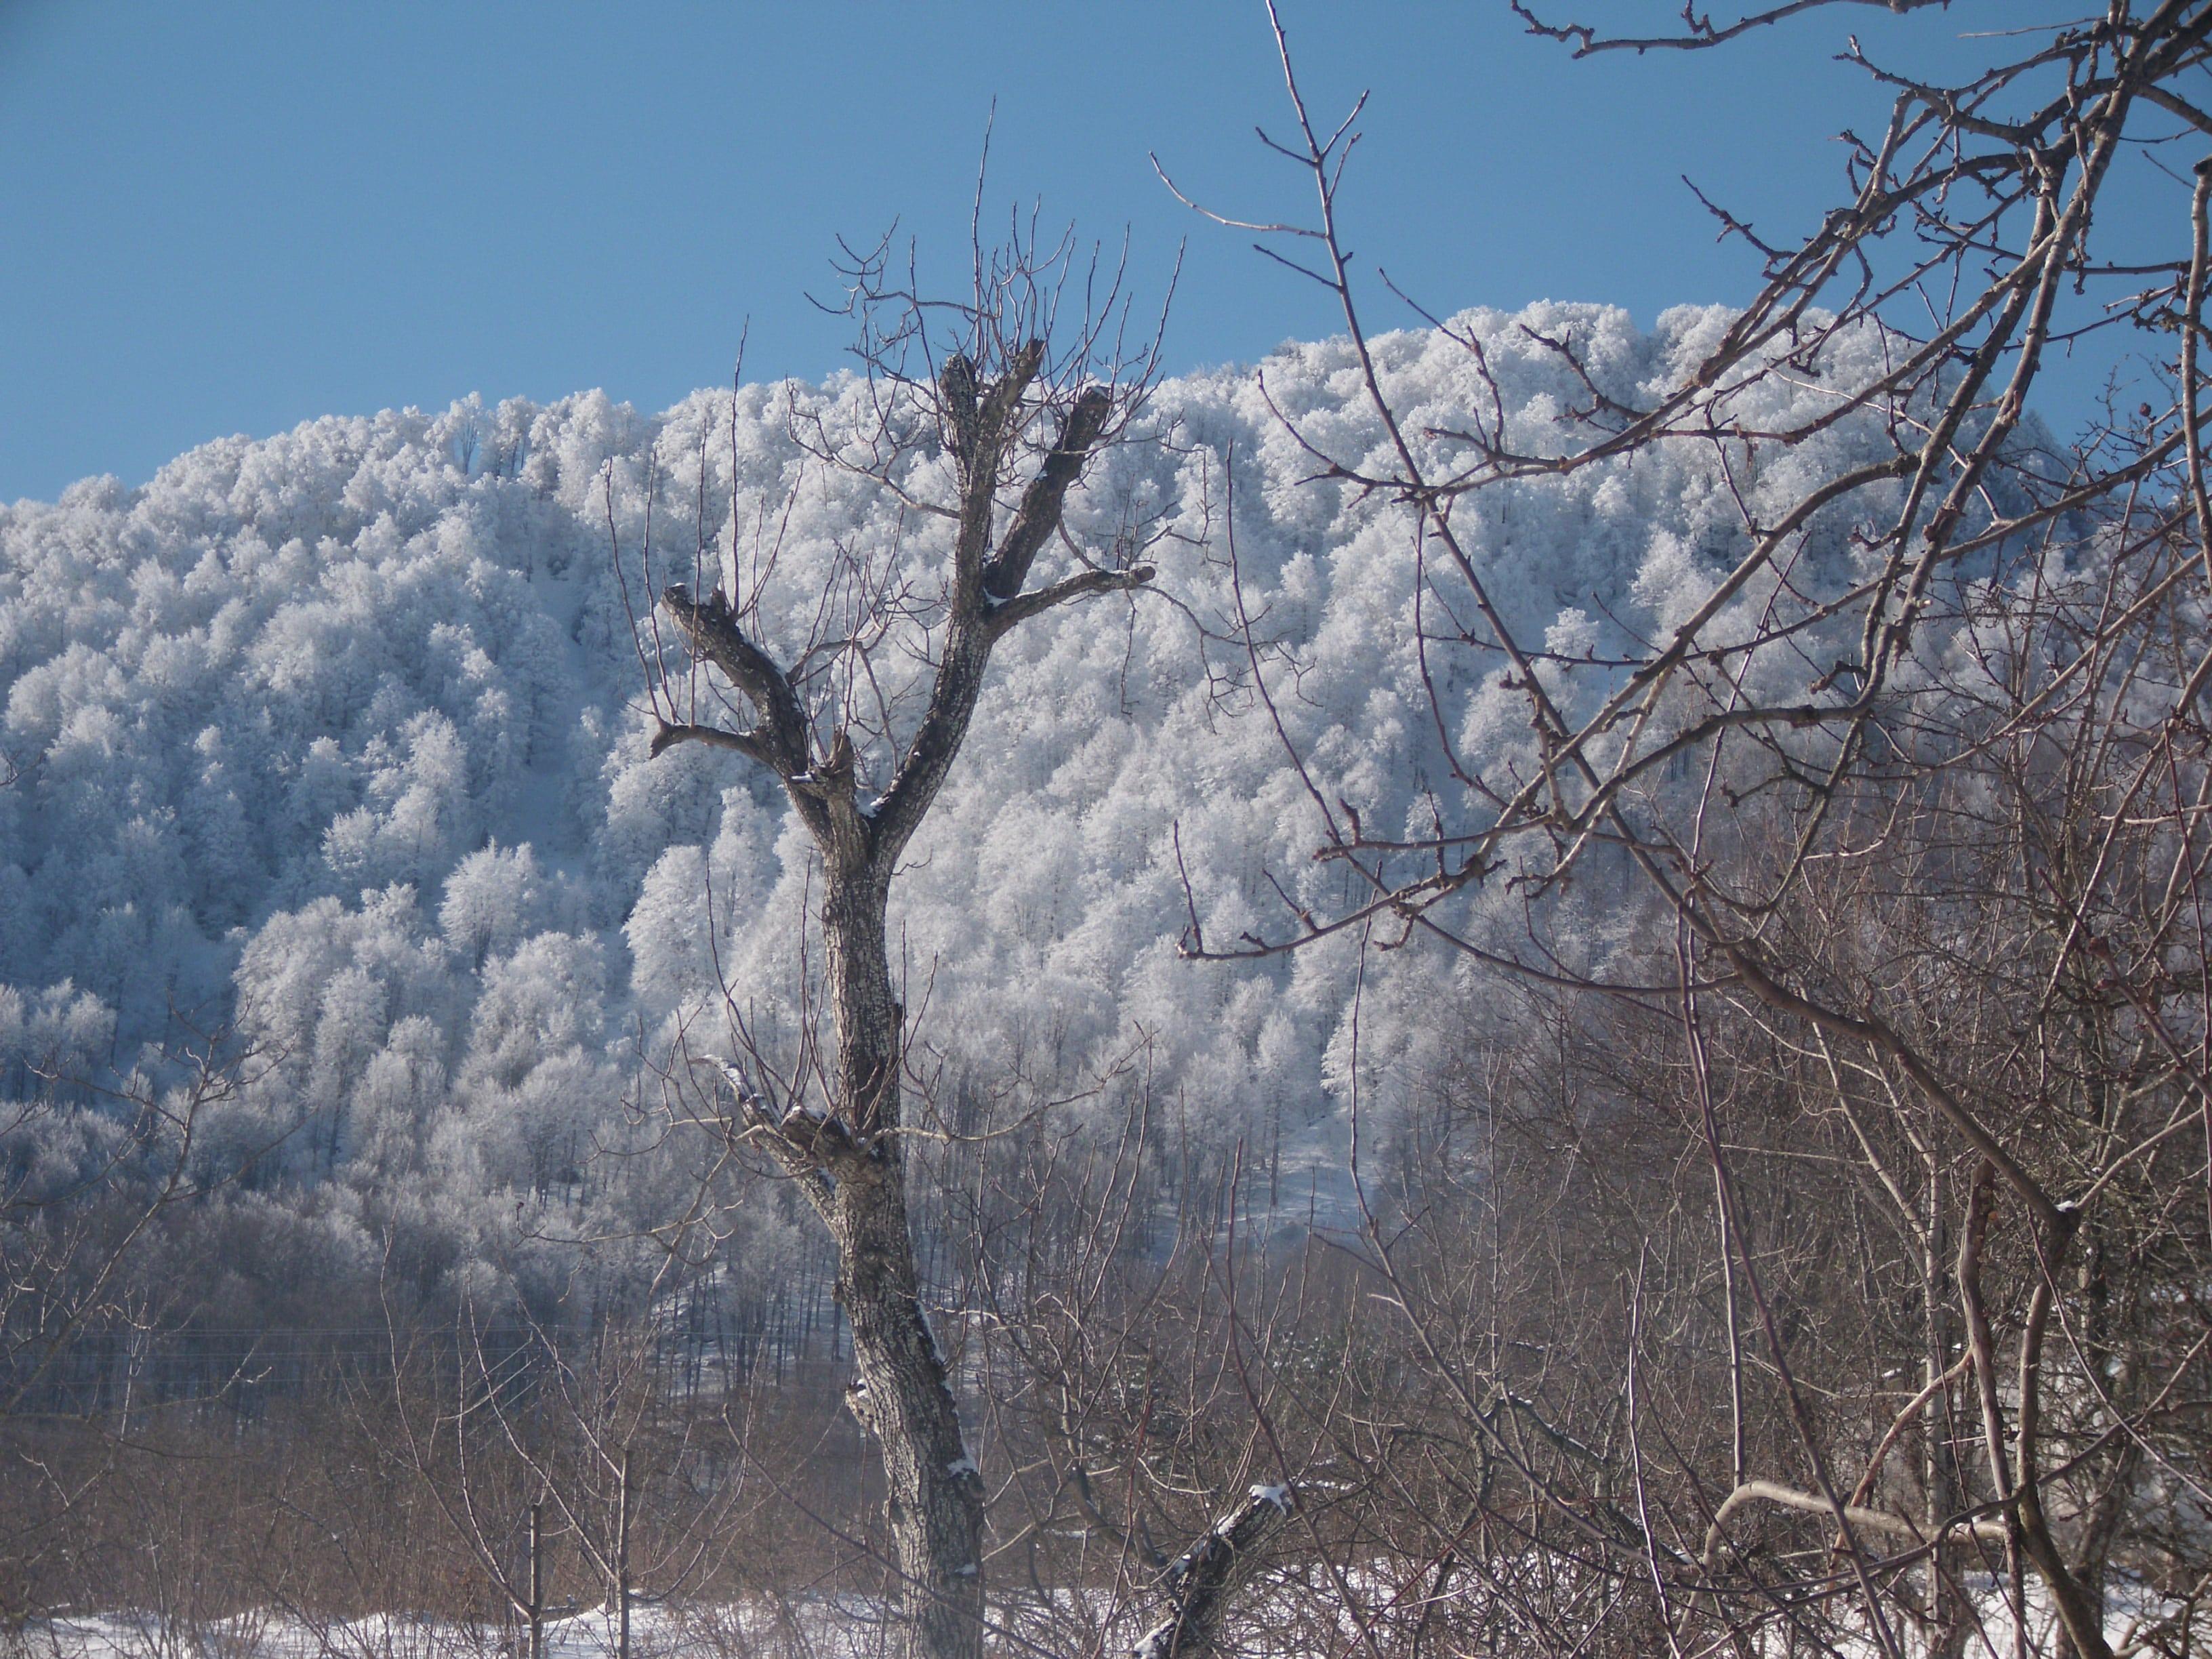 Nebiyan Yaylası ve Dağı 1 - Nebiyan Yaylası ve Dağı (1)